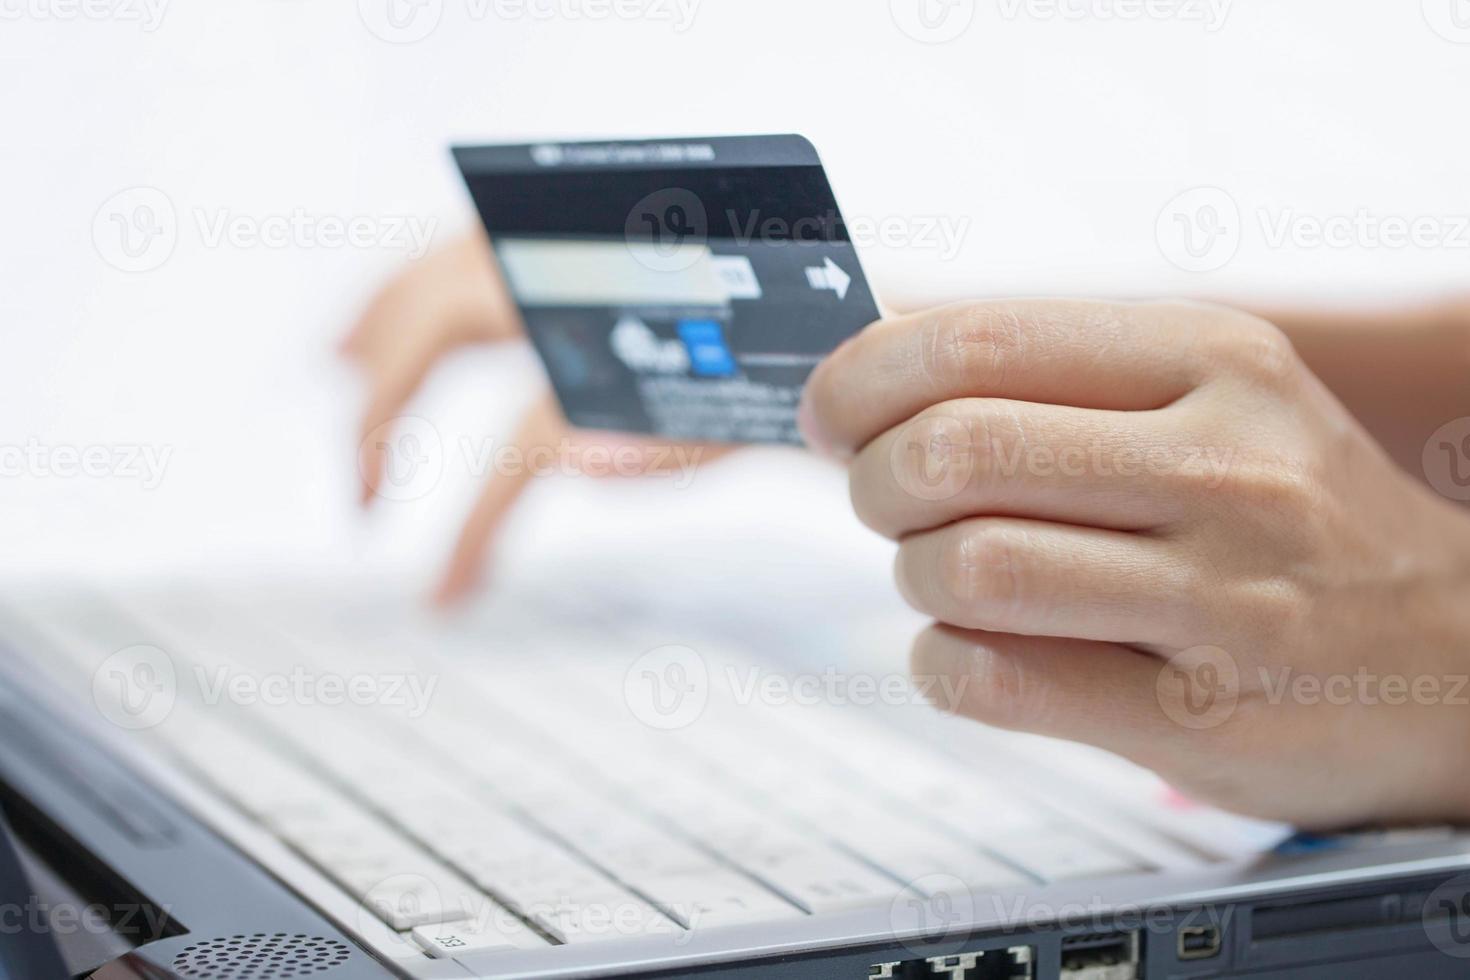 en utilisant une carte de crédit. photo